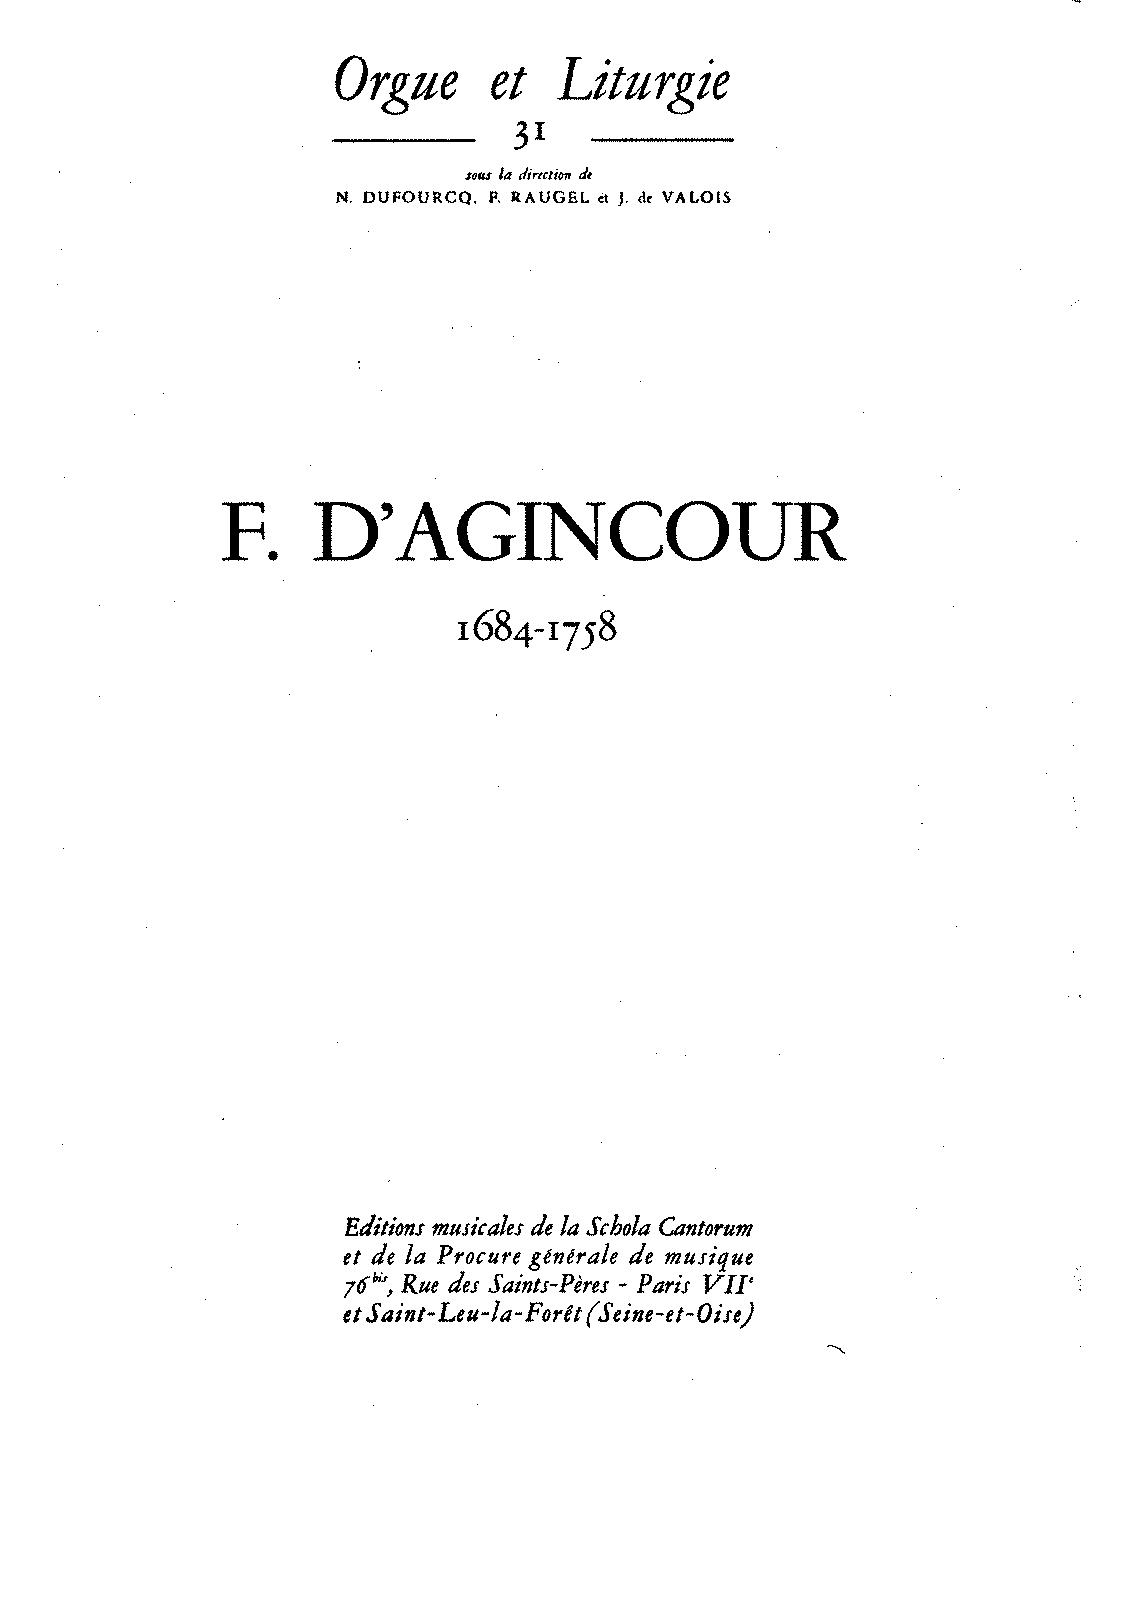 pieces d orgue agincour francois d petrucci music  pieces d orgue agincour francois d petrucci music library public sheet music